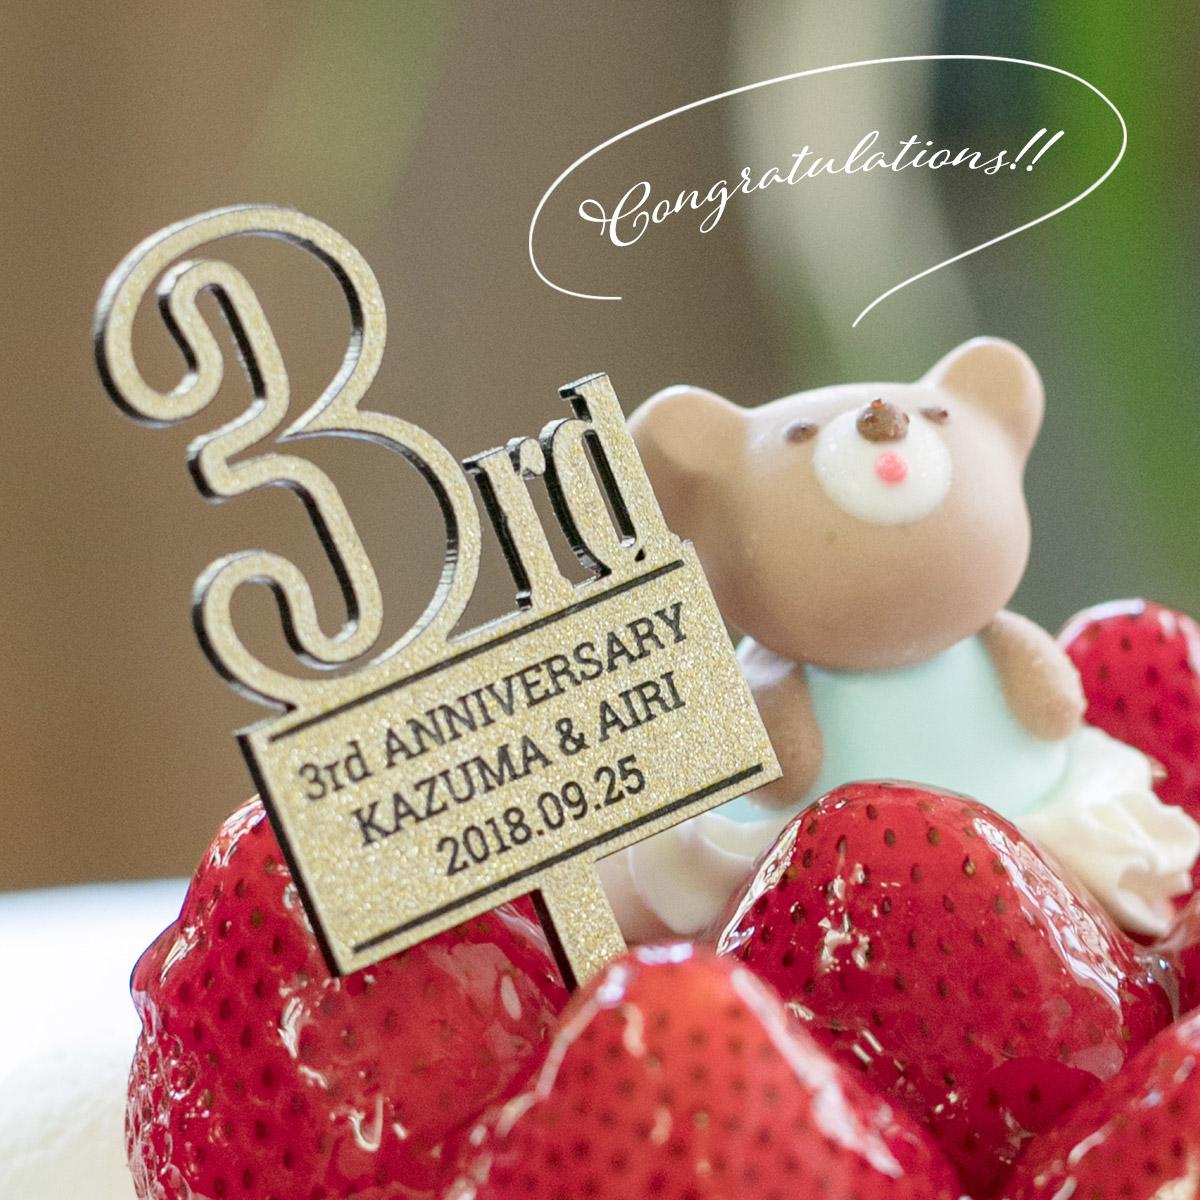 オリジナル・ケーキトッパー ケーキの上に乗せる飾り 名前・イニシャル・記念日彫刻 【メール便対応】 kla016 mail